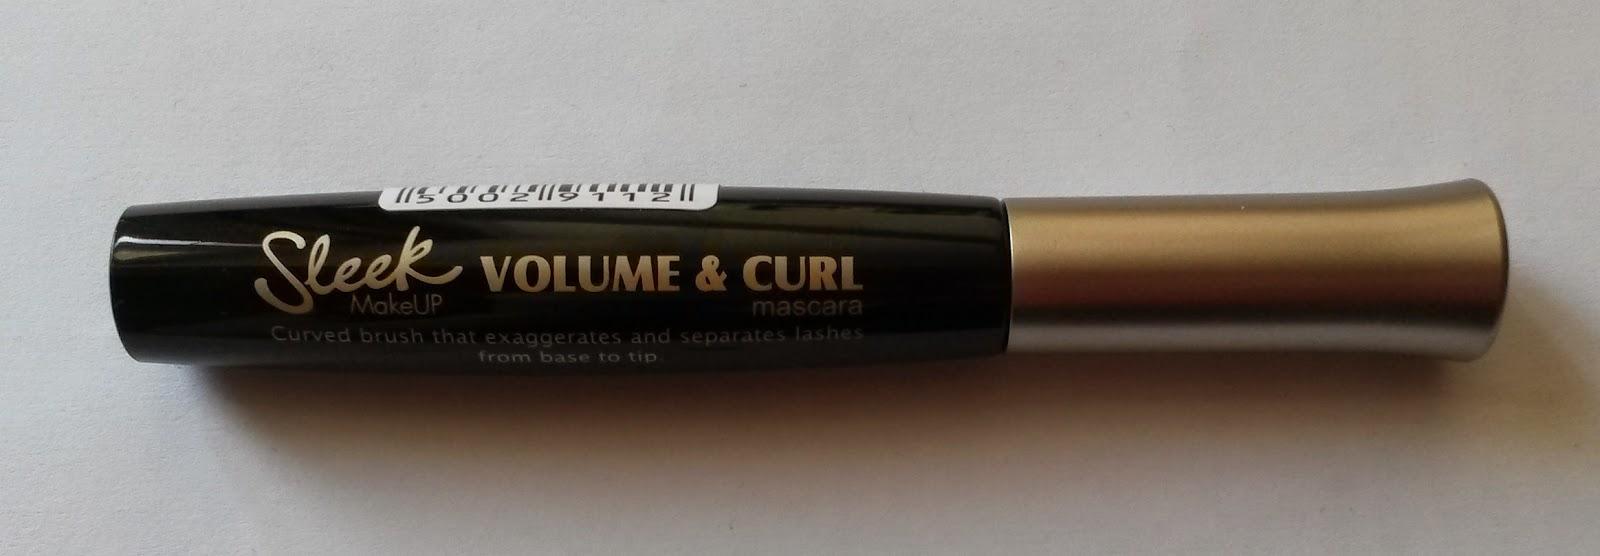 Favoris Automne-Hiver 2014/2015 : Partie 1 volume & curl sleek